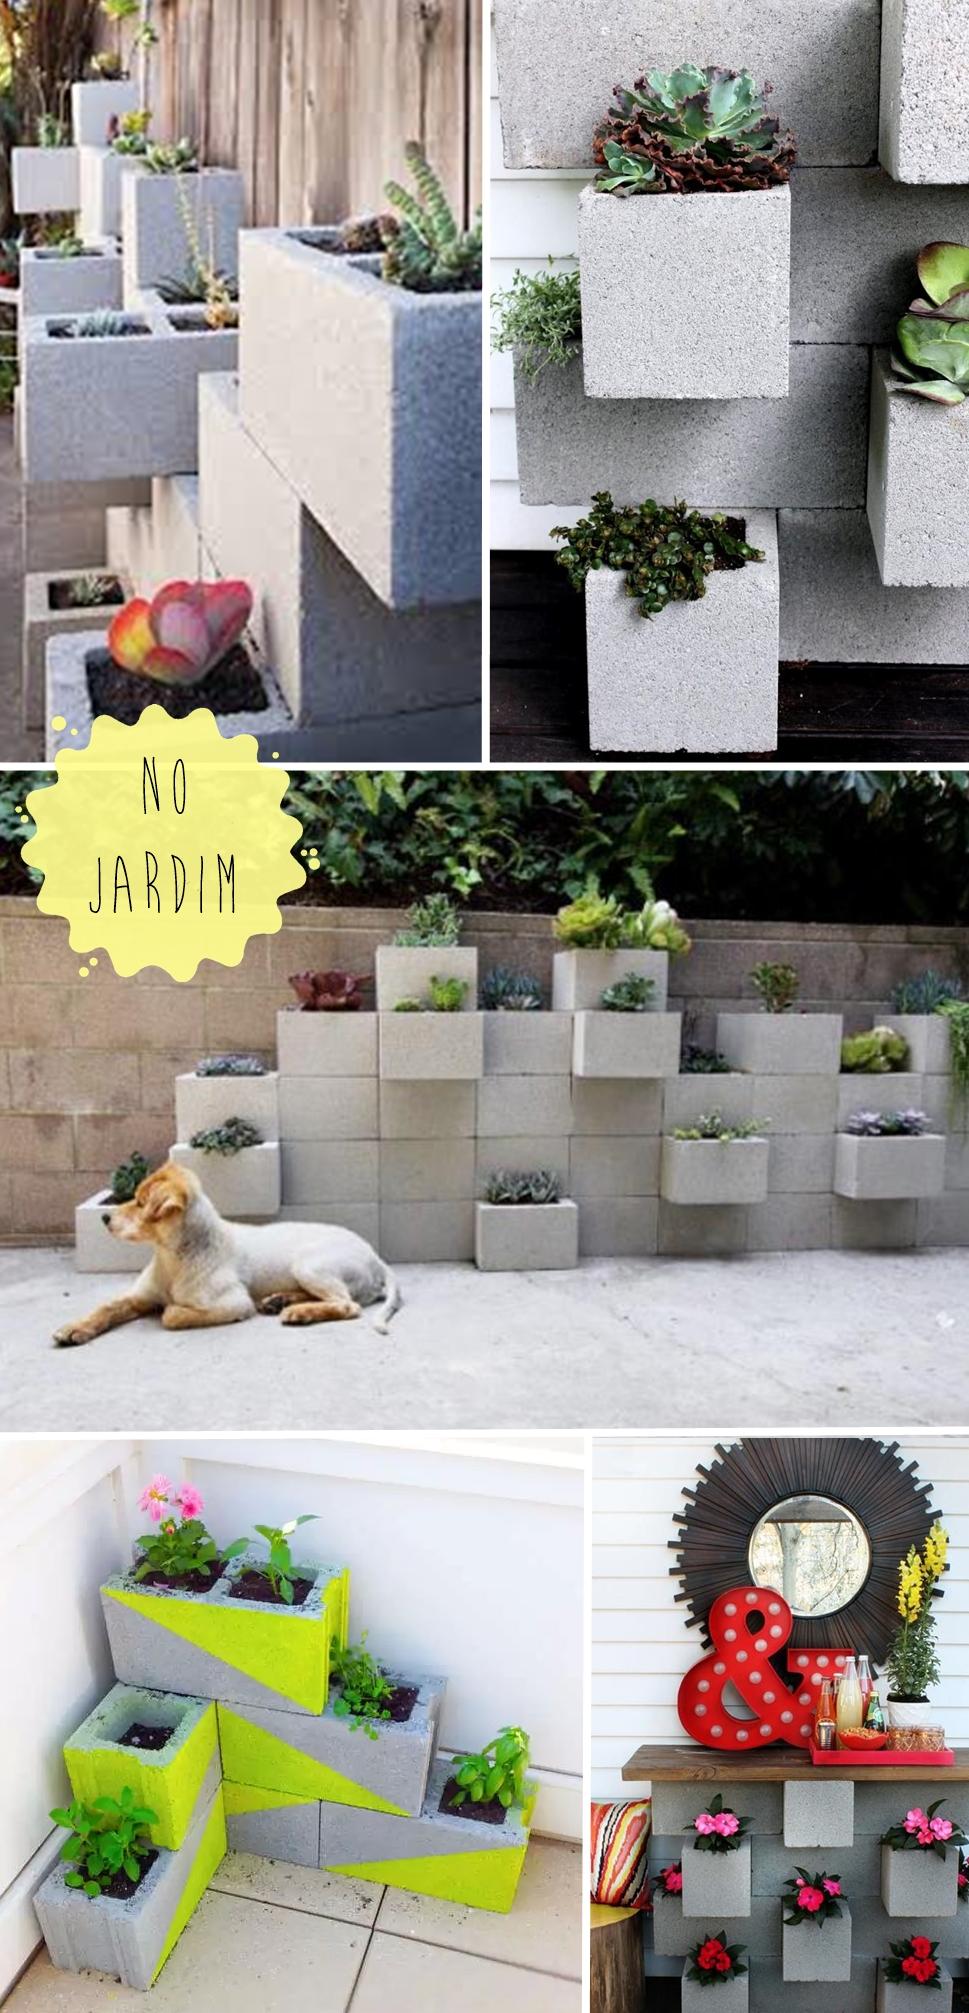 jardim bloco6